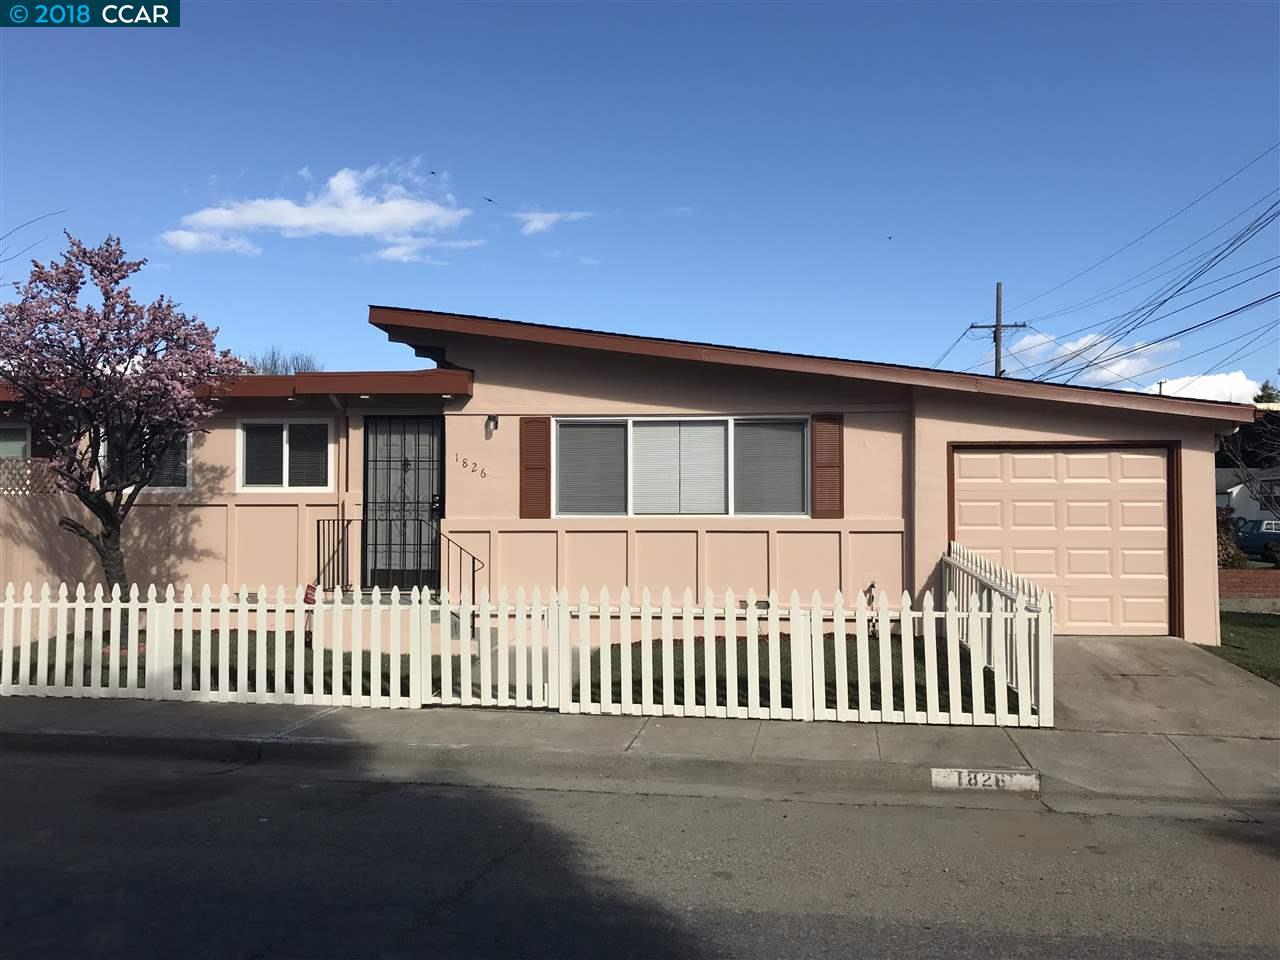 一戸建て のために 売買 アット 1826 San Luis Street 1826 San Luis Street Richmond, カリフォルニア 94804 アメリカ合衆国